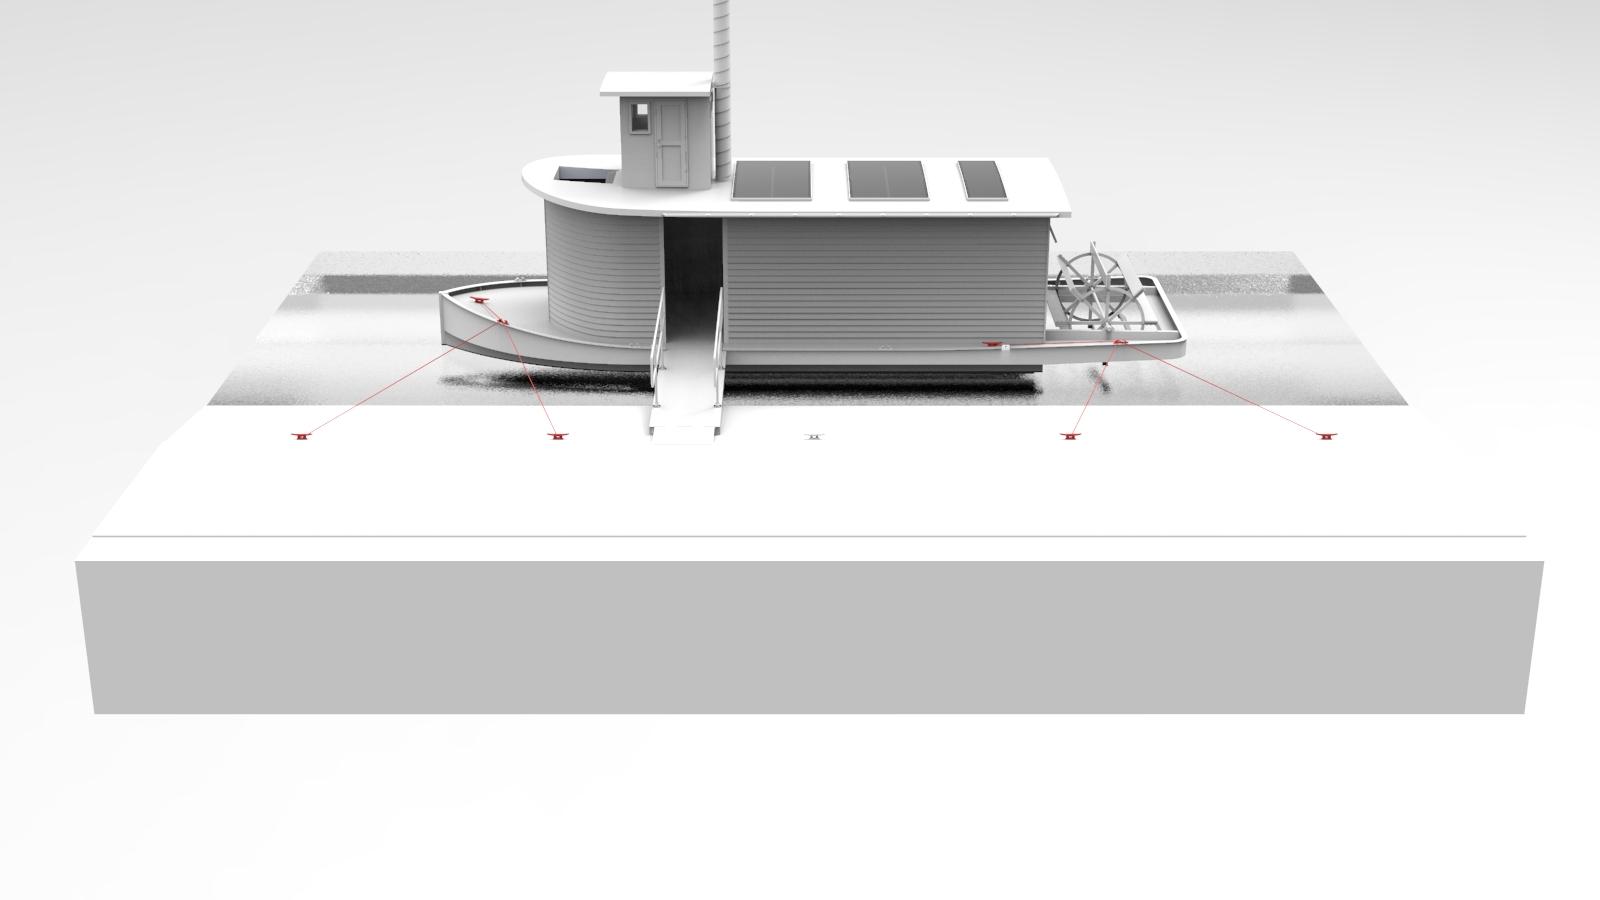 Valiente Boat Render.685.jpg